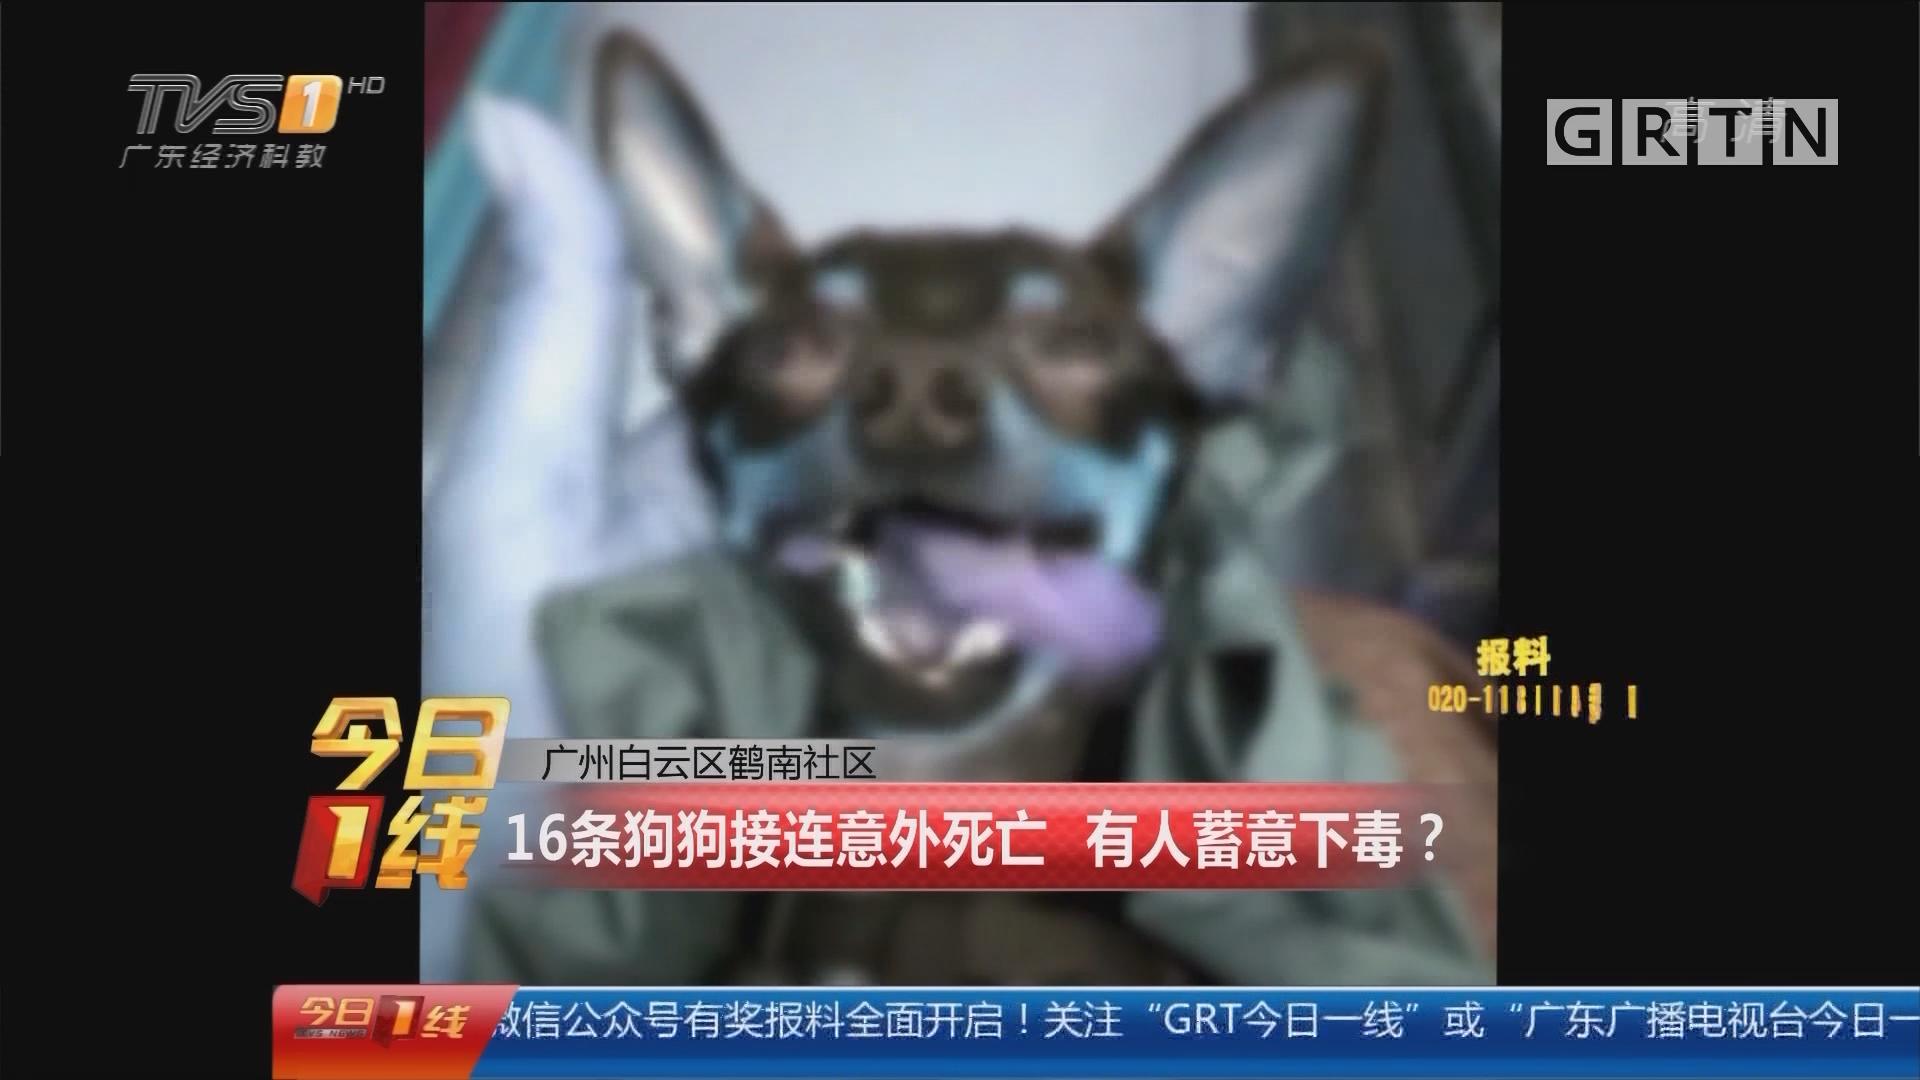 广州白云区鹤南社区:16条狗狗接连意外死亡 有人蓄意下毒?